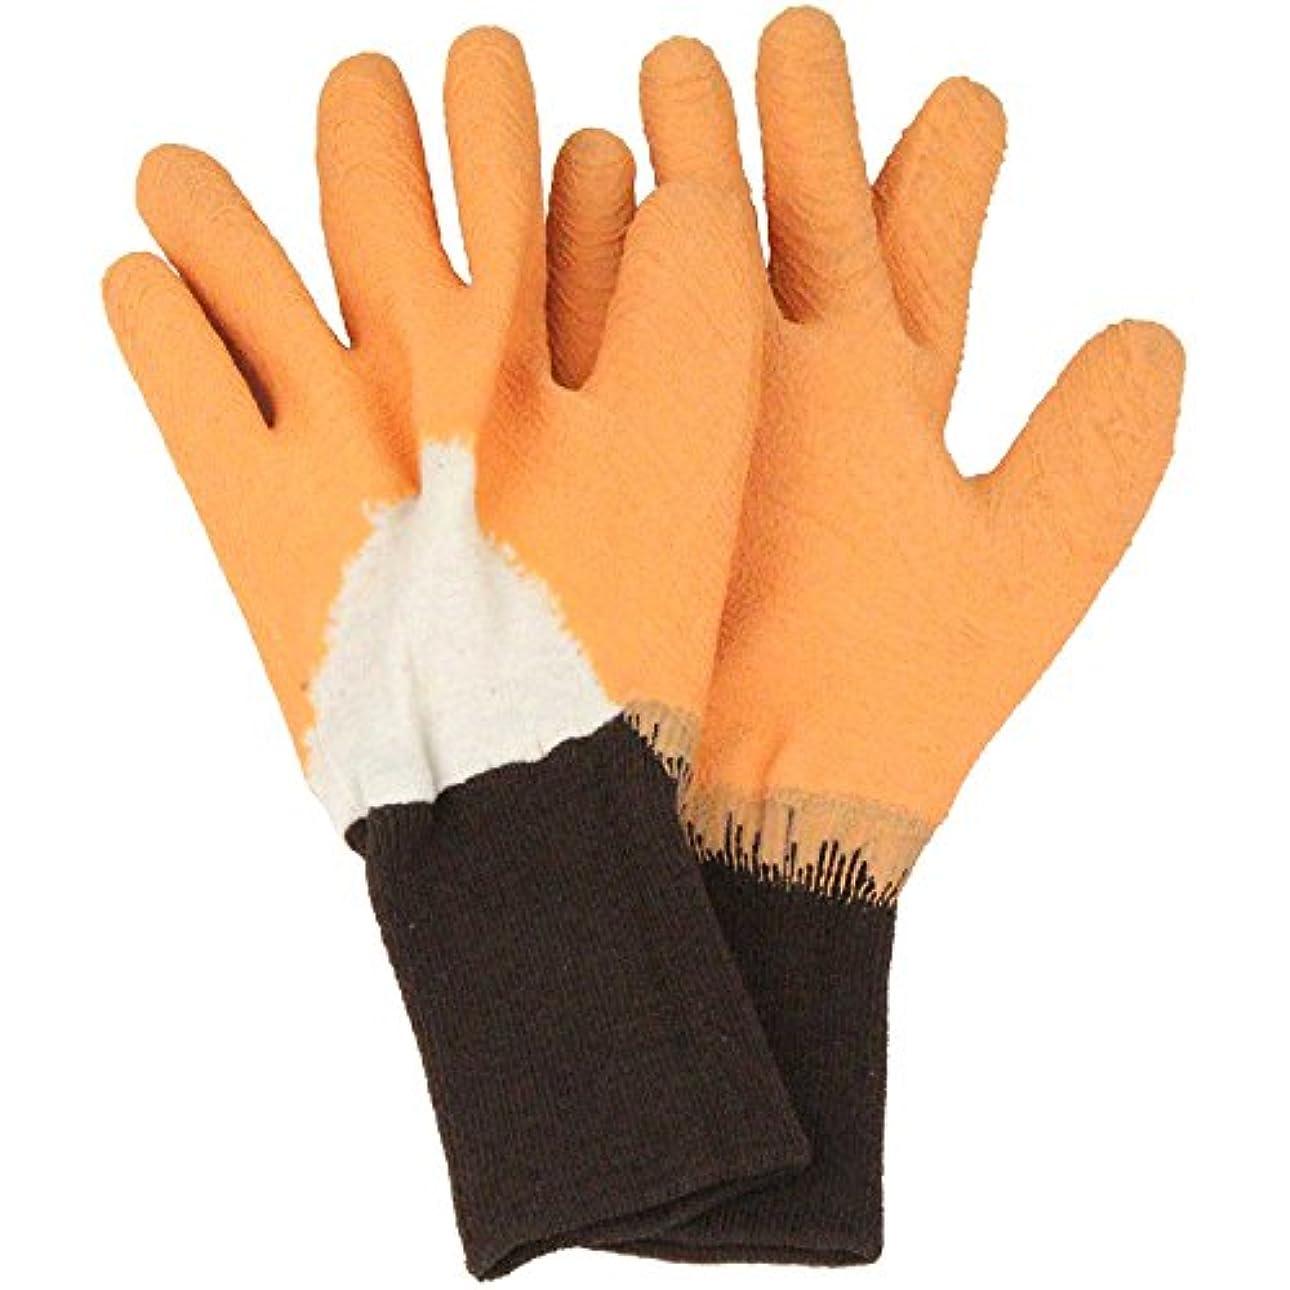 落ち着いて学ぶ主張セフティー3 トゲがささりにくい手袋 オレンジ L